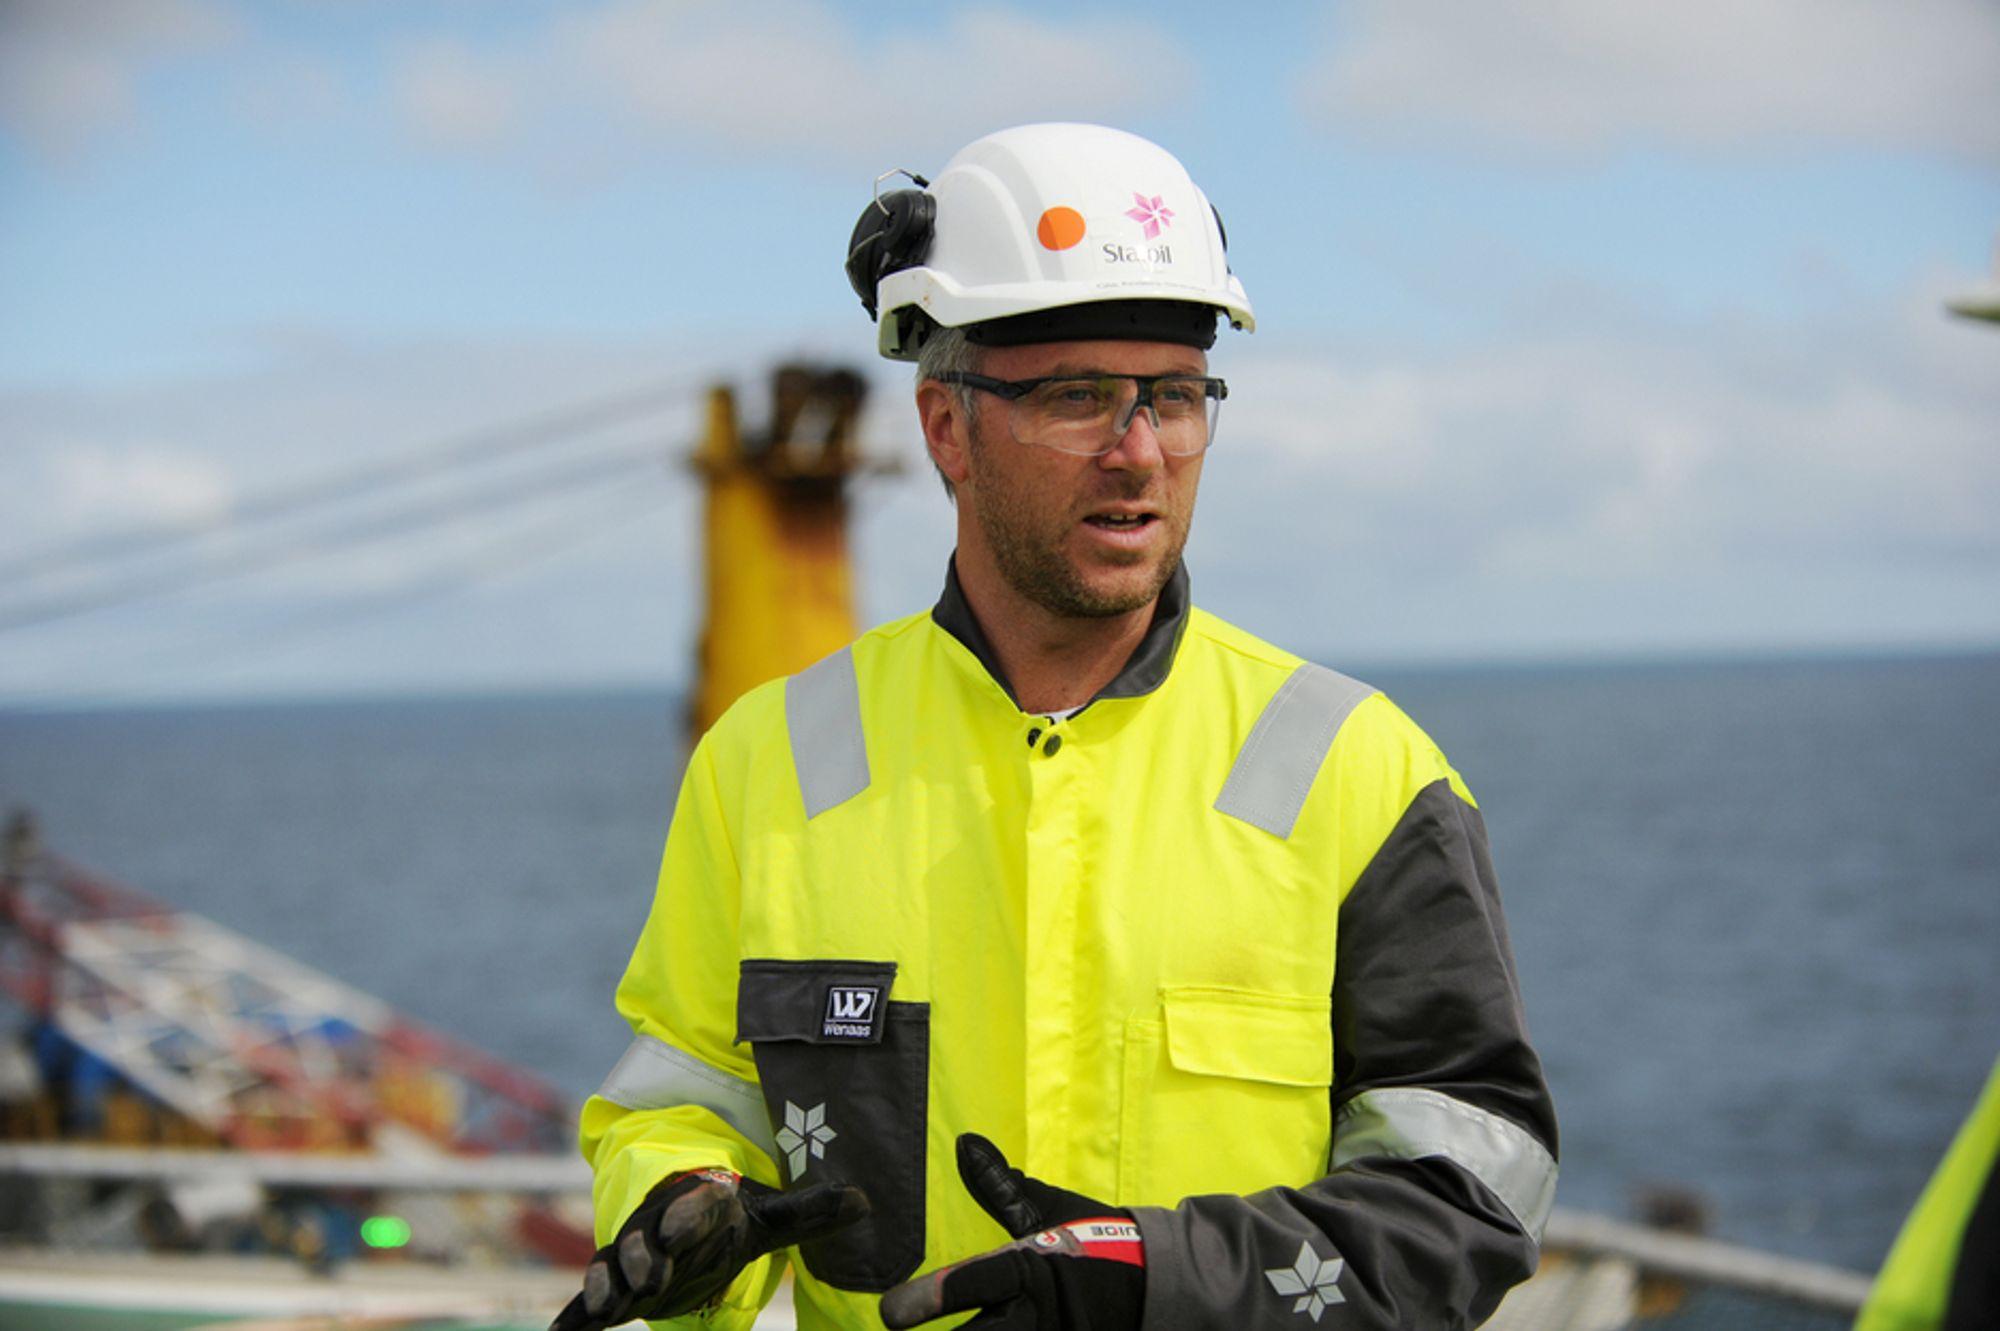 Pressetalsmann Ola Anders Skauby er godt fornøyd med Statoils leteresultater.